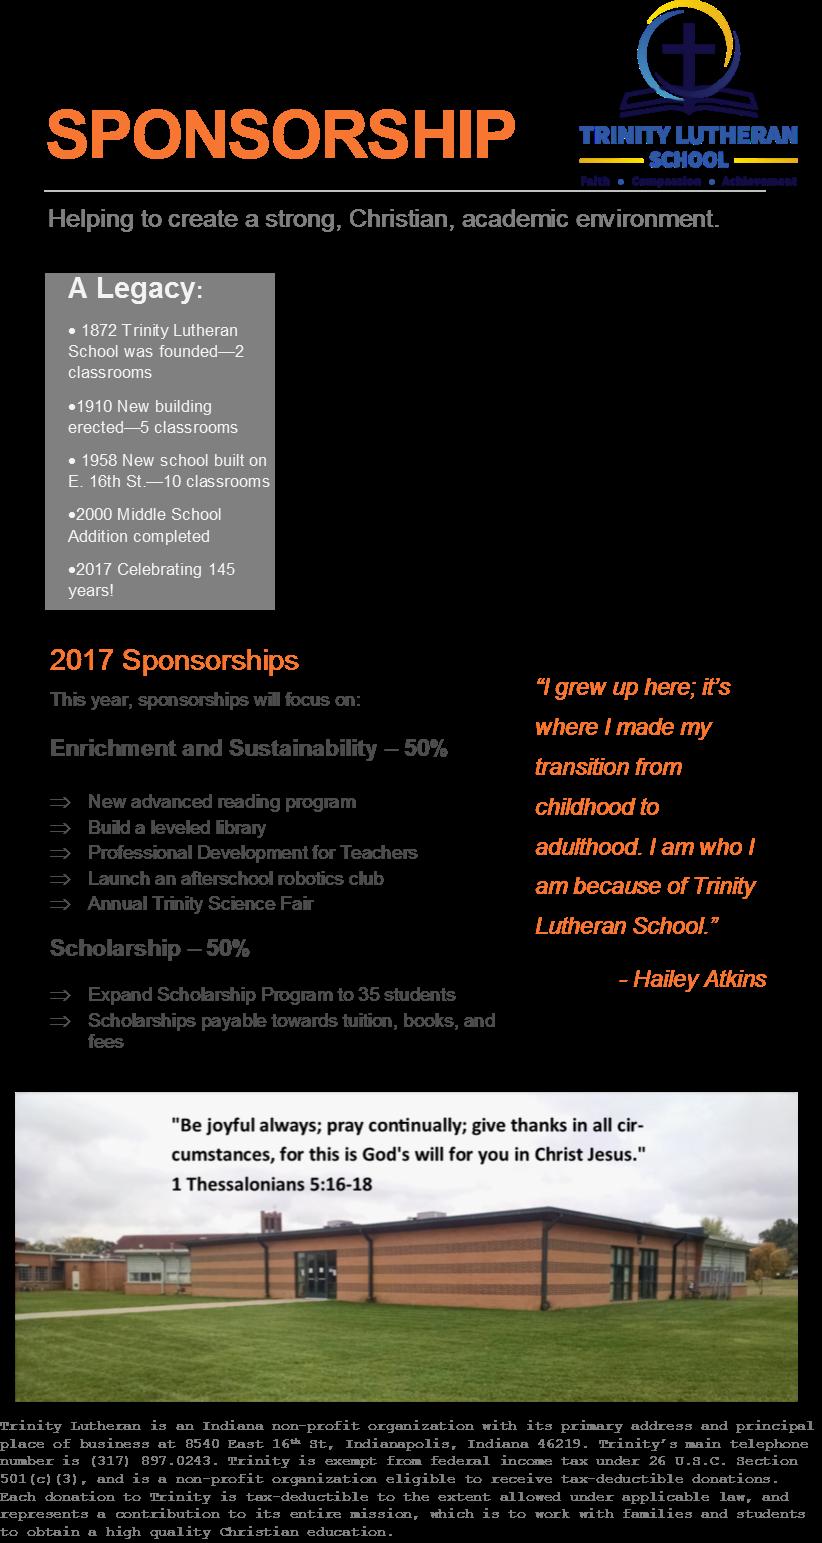 Corporate sponsorship newsletter